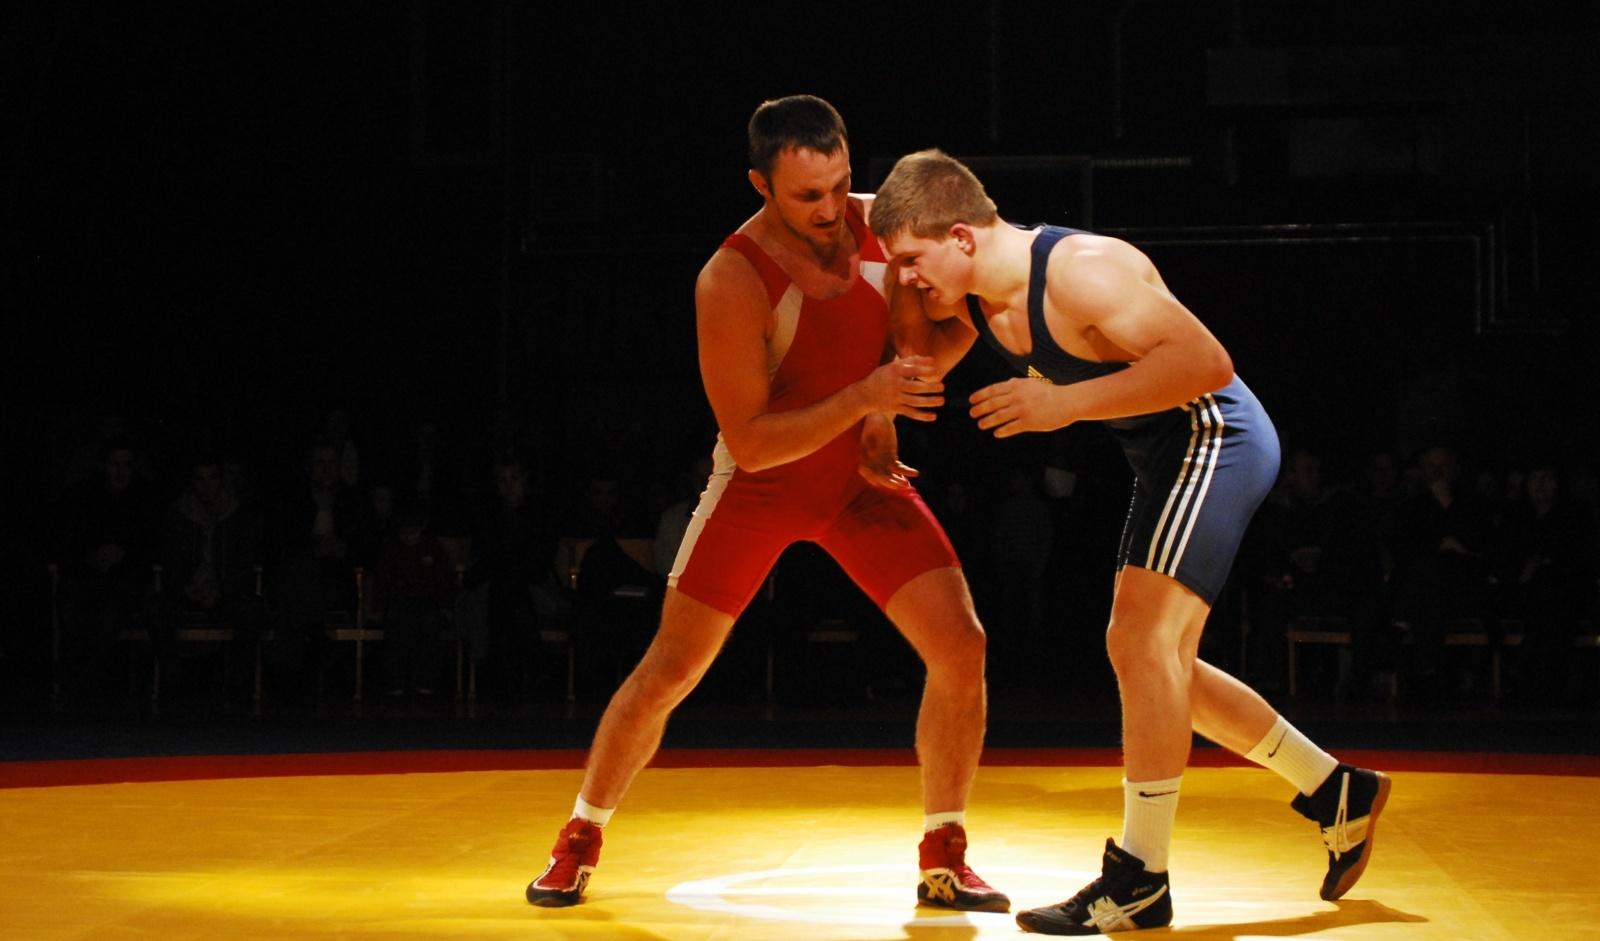 Tarptautinis R. Bagdono imtynių turnyras keliasi į Šiaulius